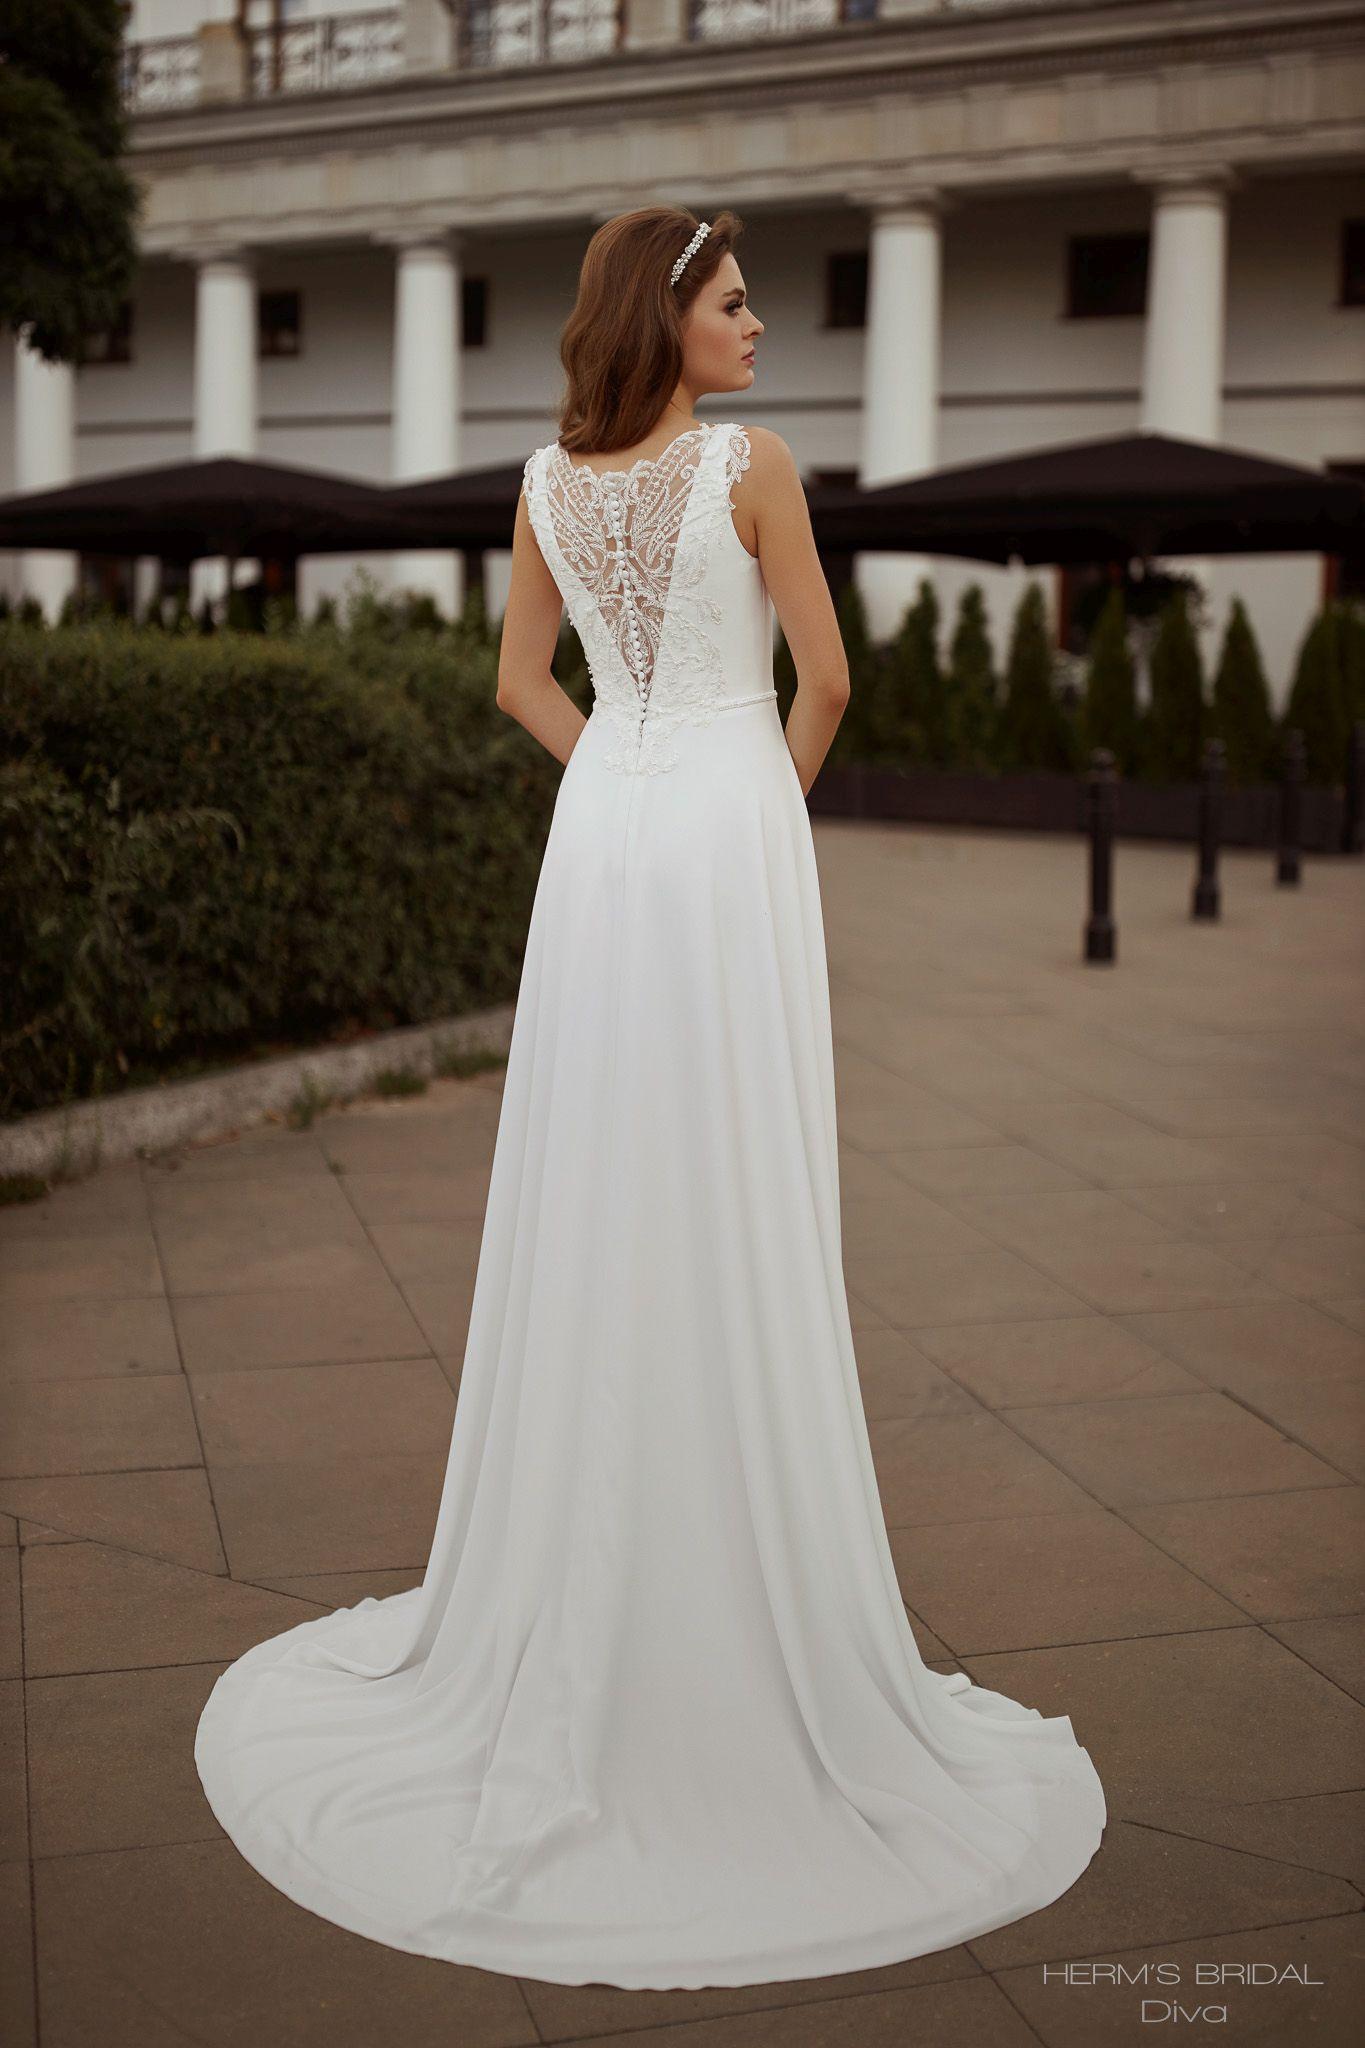 suknia slubna herms bridal Diva 2